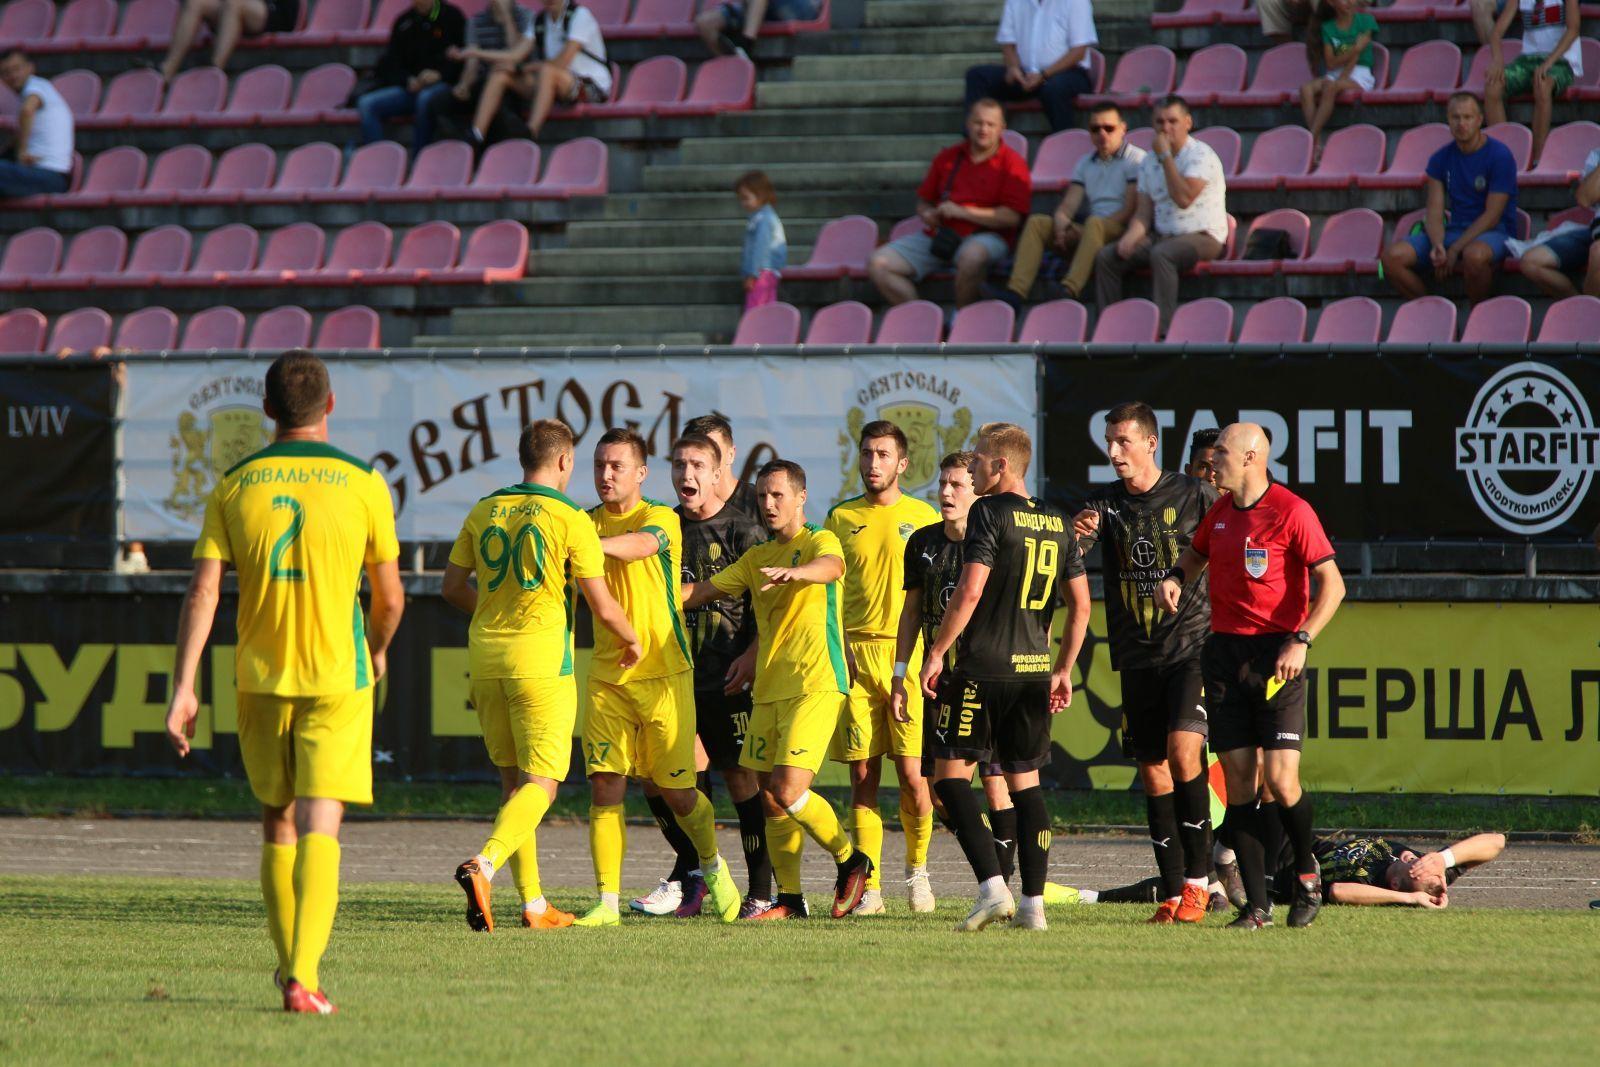 Где и как ходят на футбол: вишенка на киевском торте и рух по-львовски - изображение 3